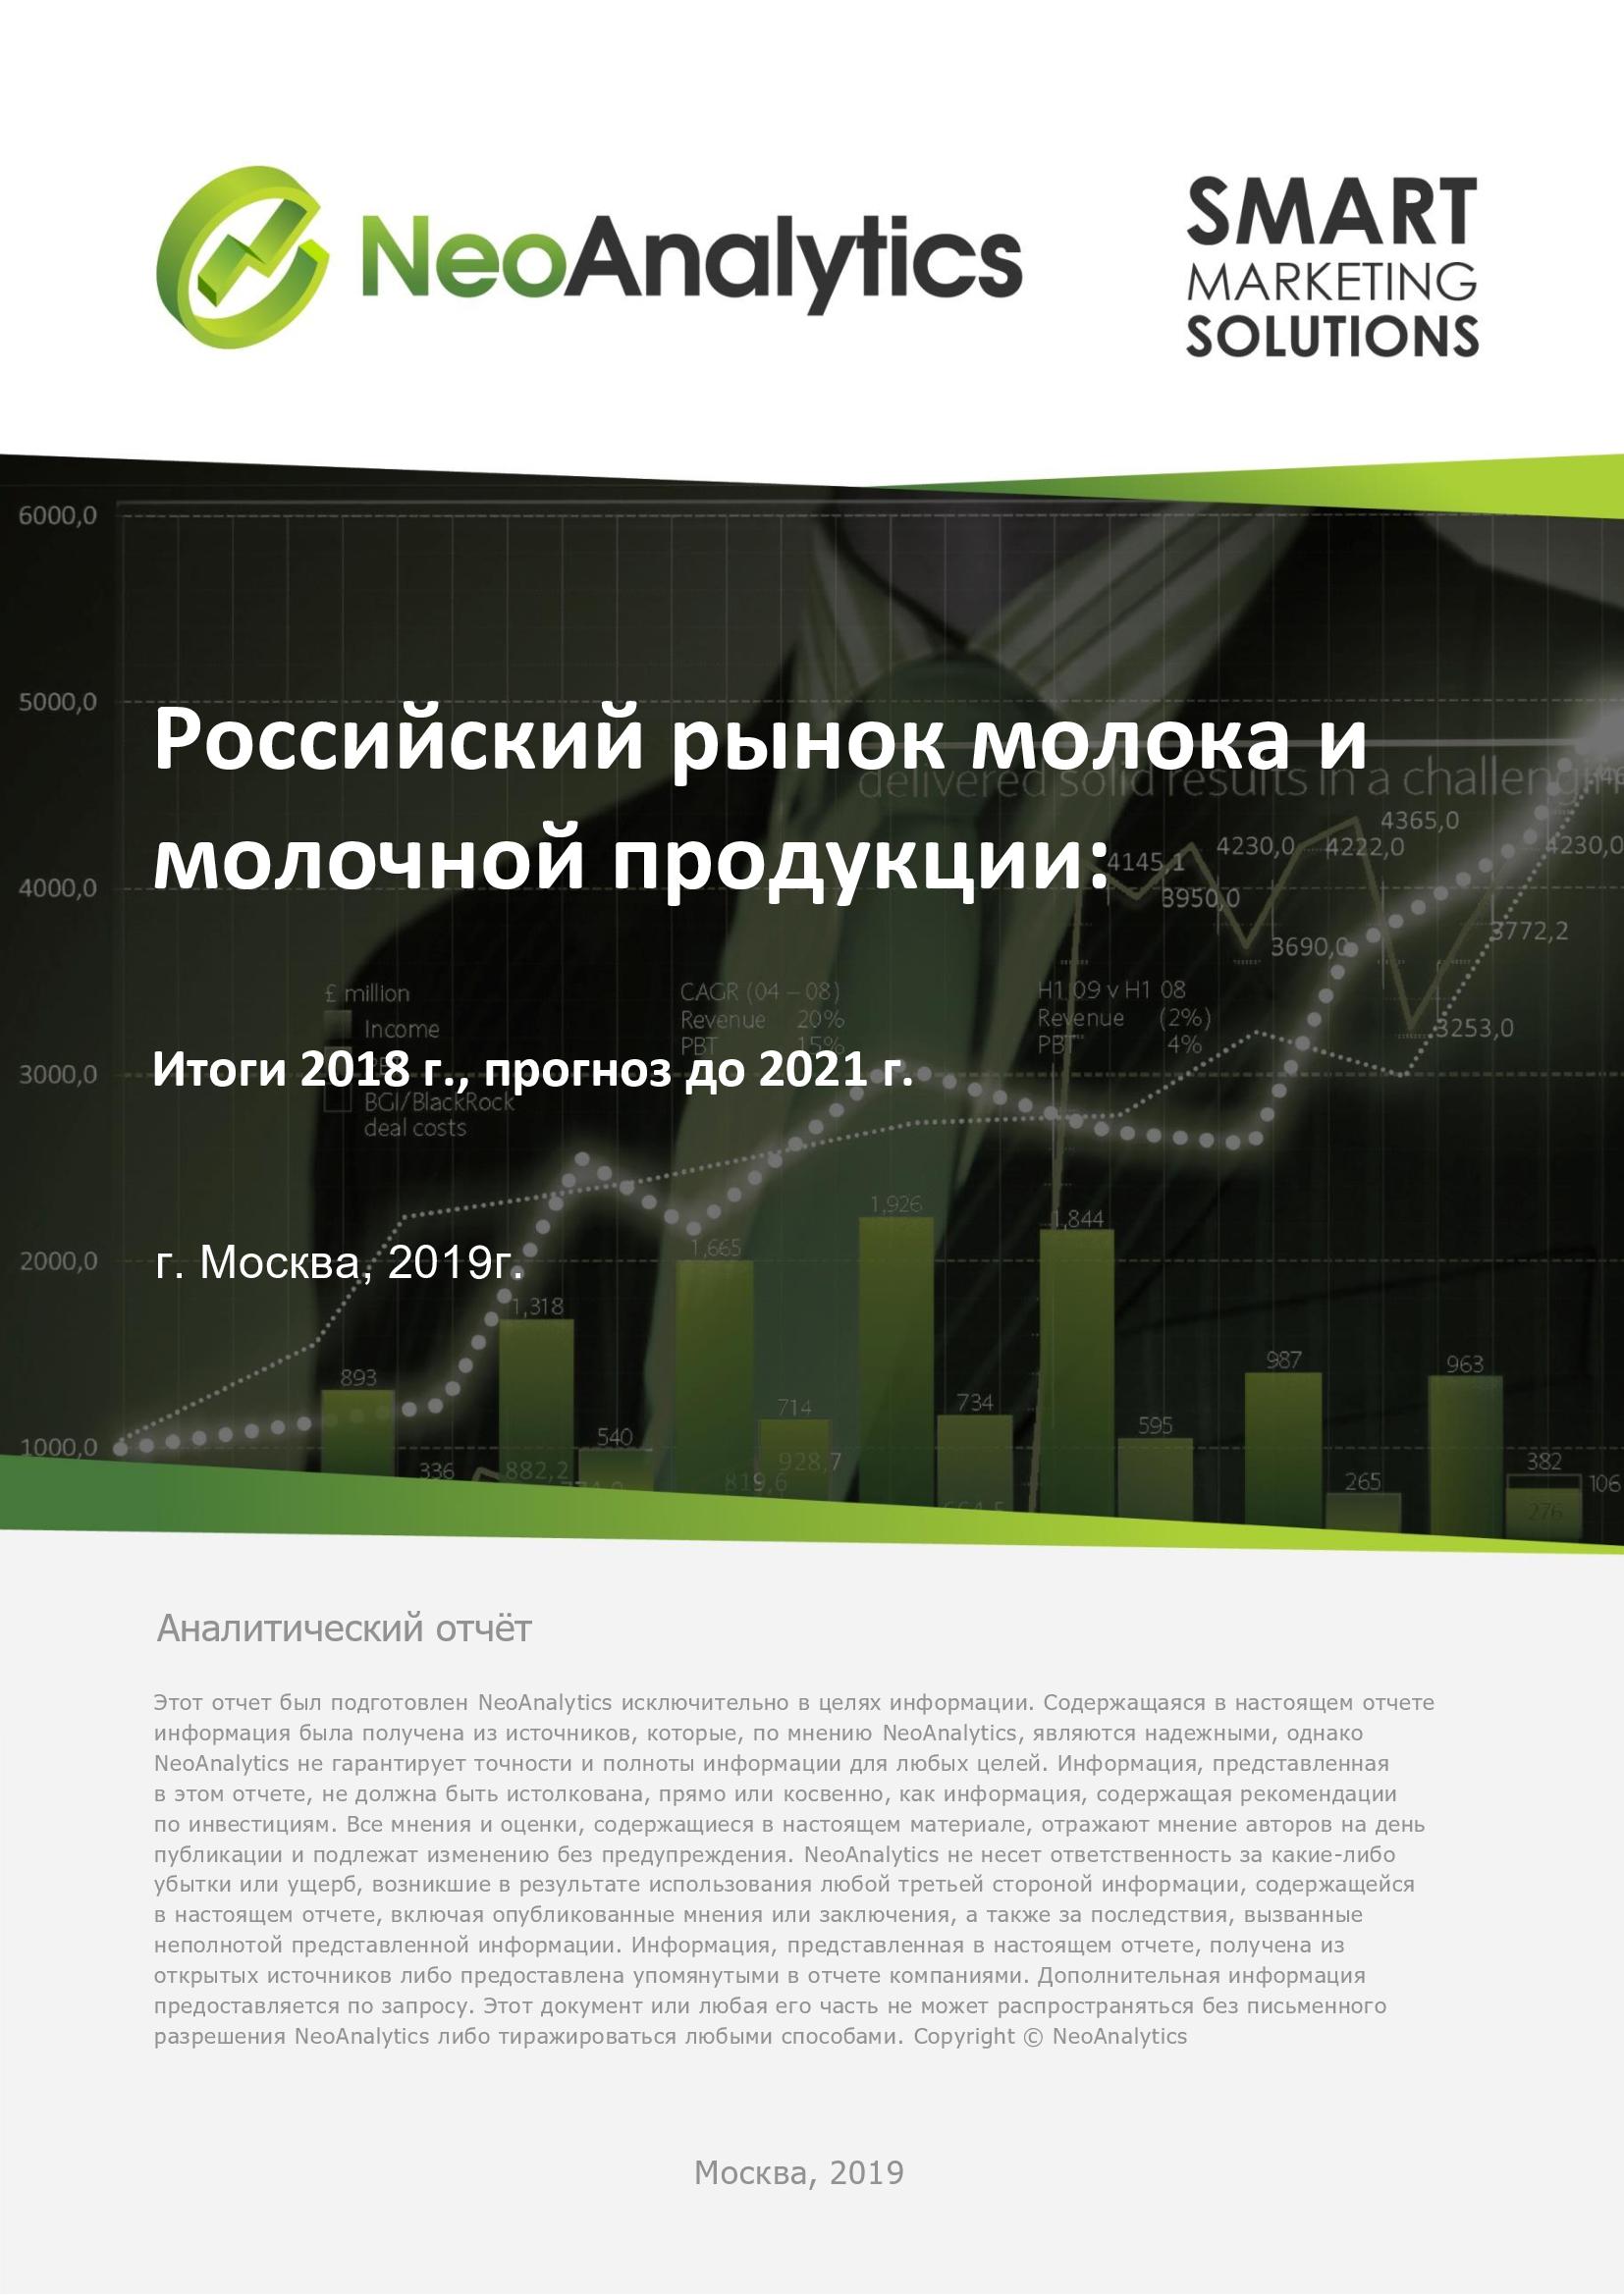 Анализ российского рынка  мобильных приложений: итоги 2018 г., прогноз до 2021 г.